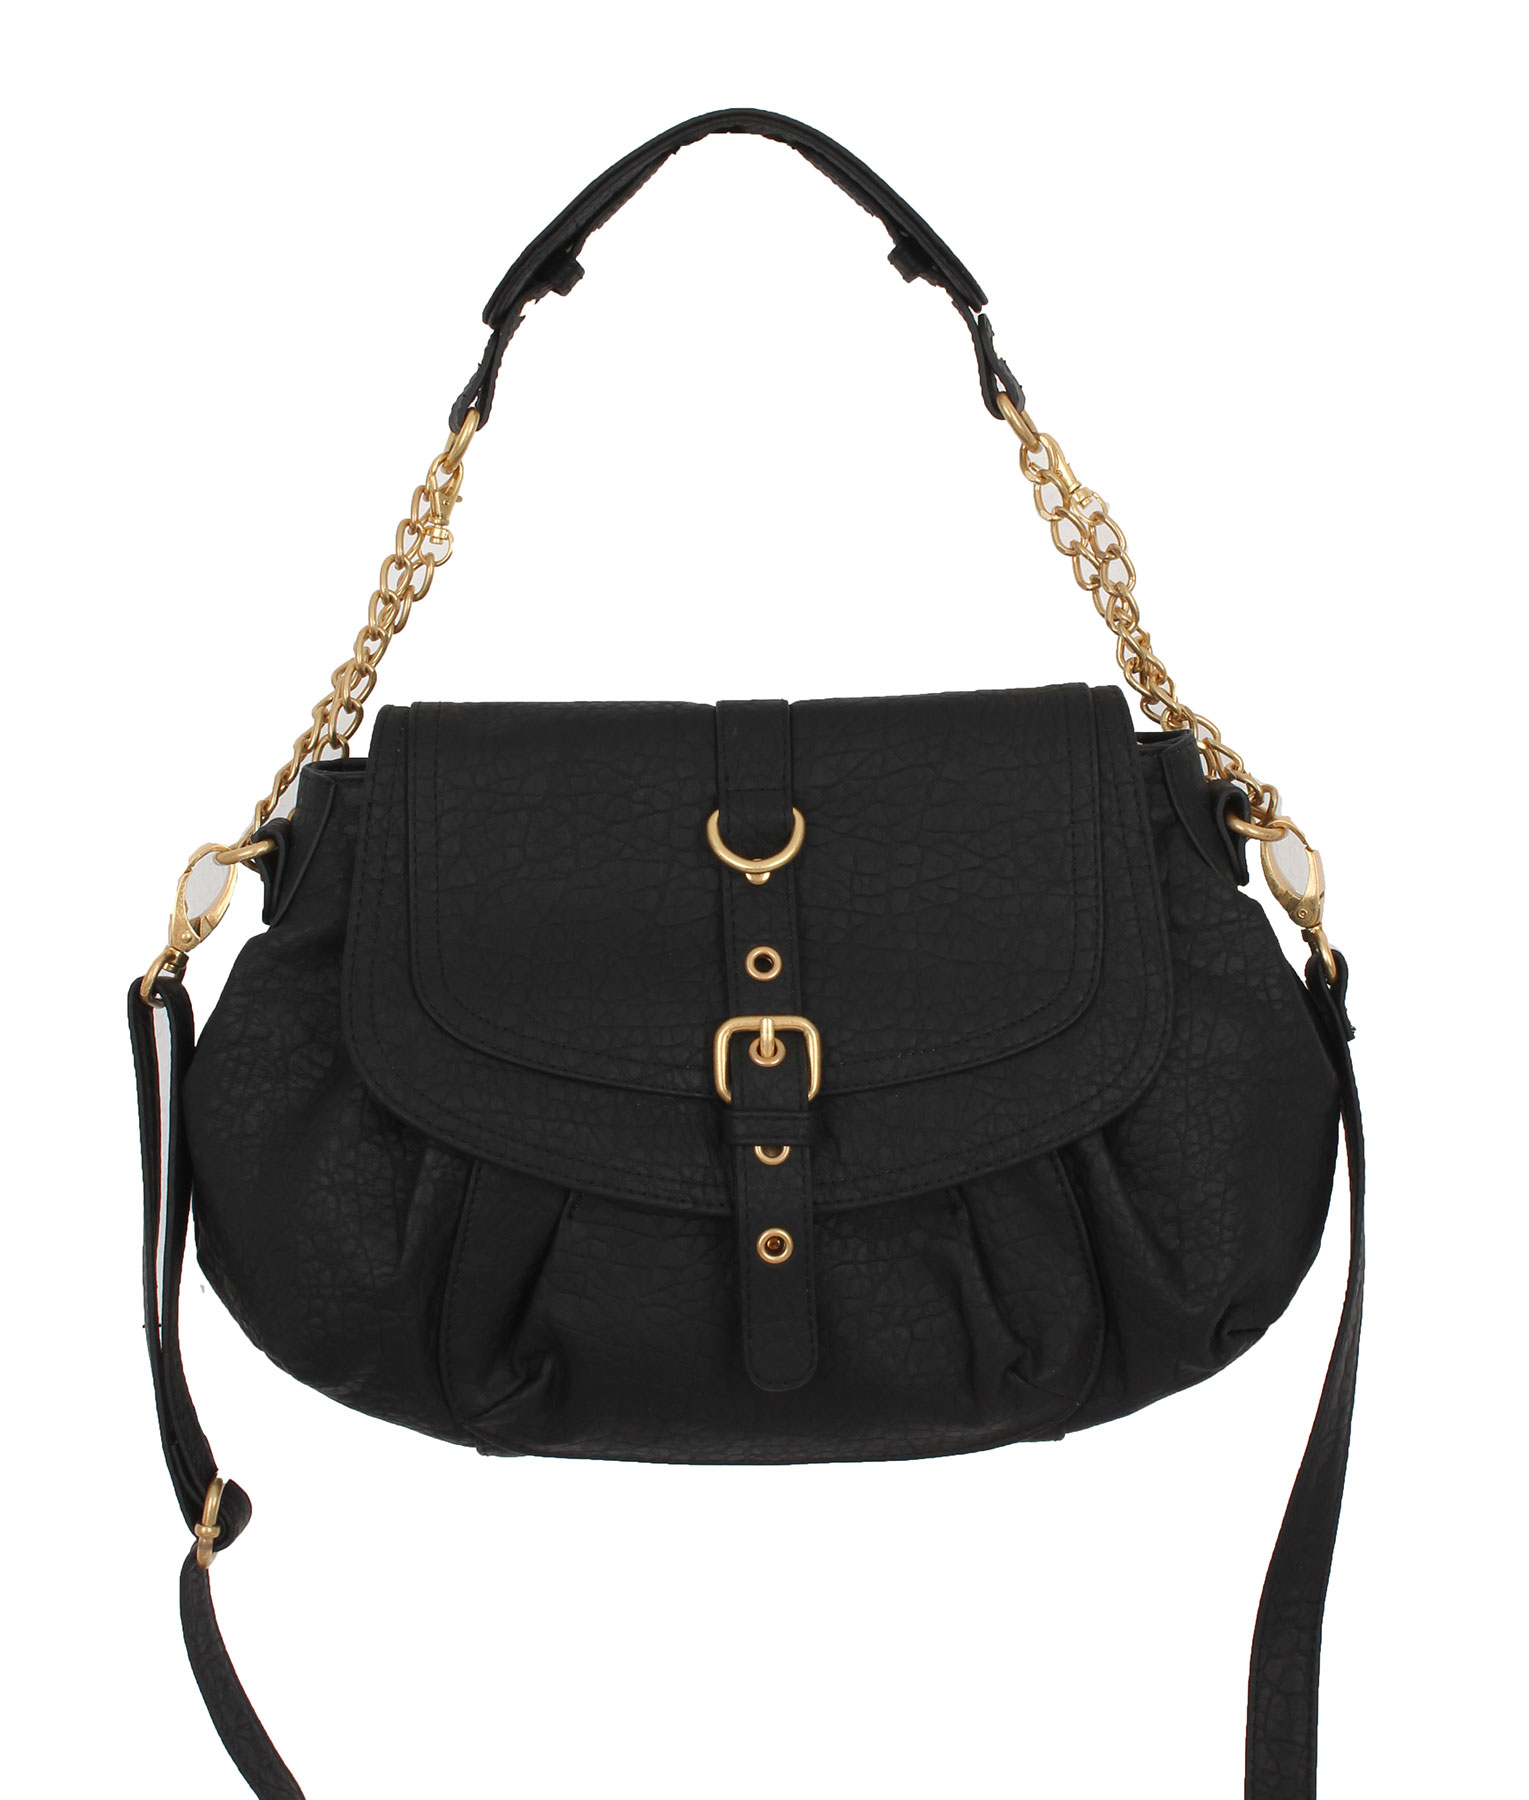 s oliver handtasche schwarz s oliver handtasche online kaufen otto s oliver handtasche online. Black Bedroom Furniture Sets. Home Design Ideas